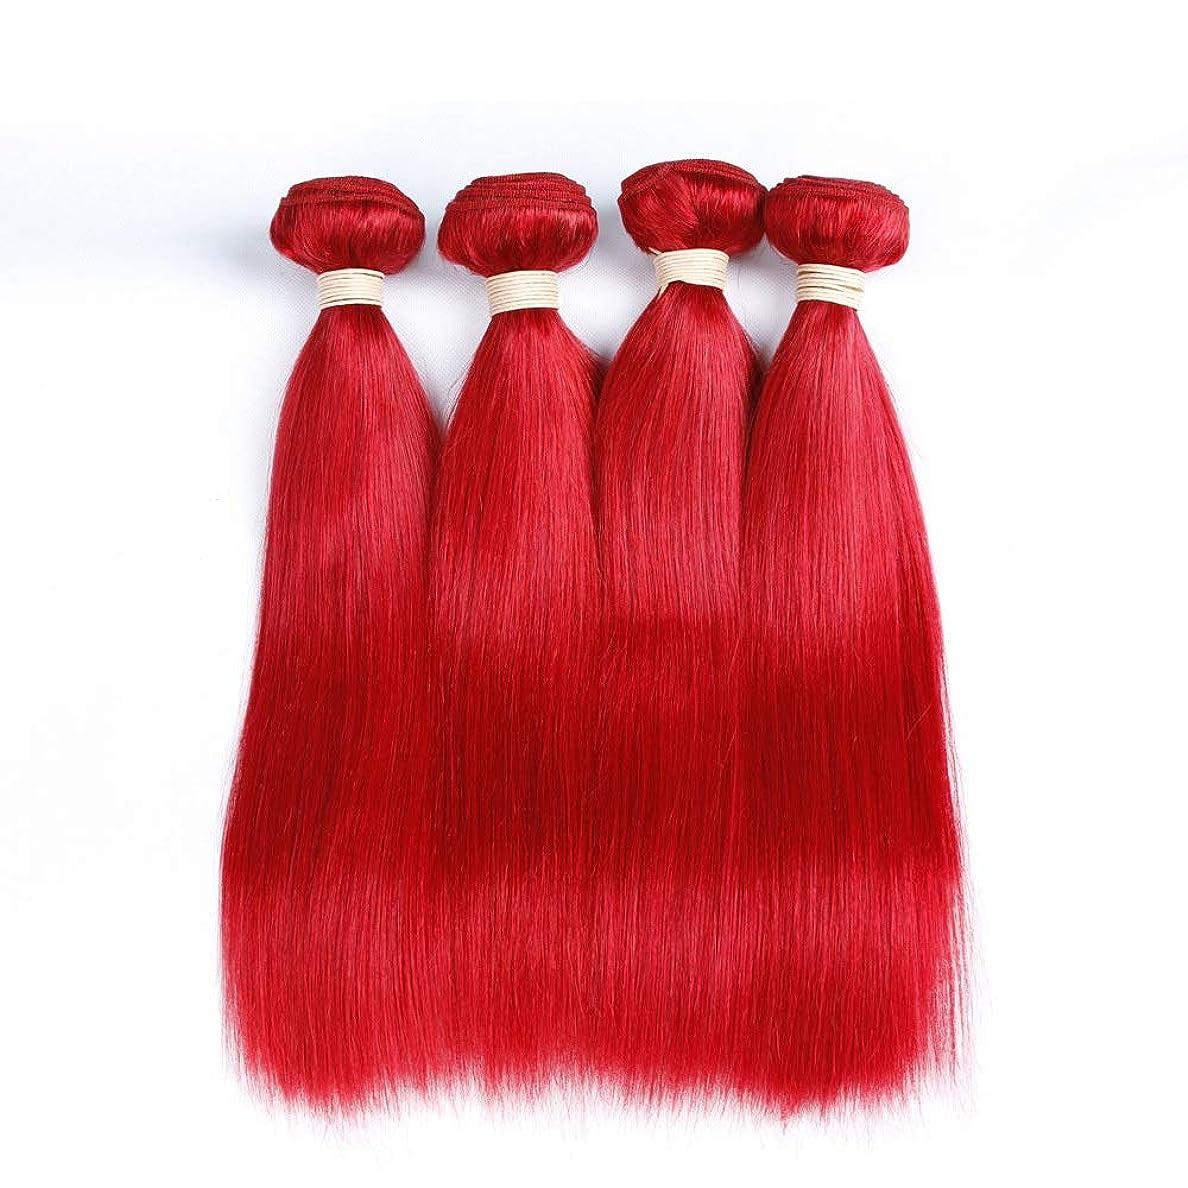 じゃない凝視HOHYLLYA 赤毛ブラジルストレートヘア100%未処理のヘアバンドル1バンドル人間の髪の毛の織り方(10